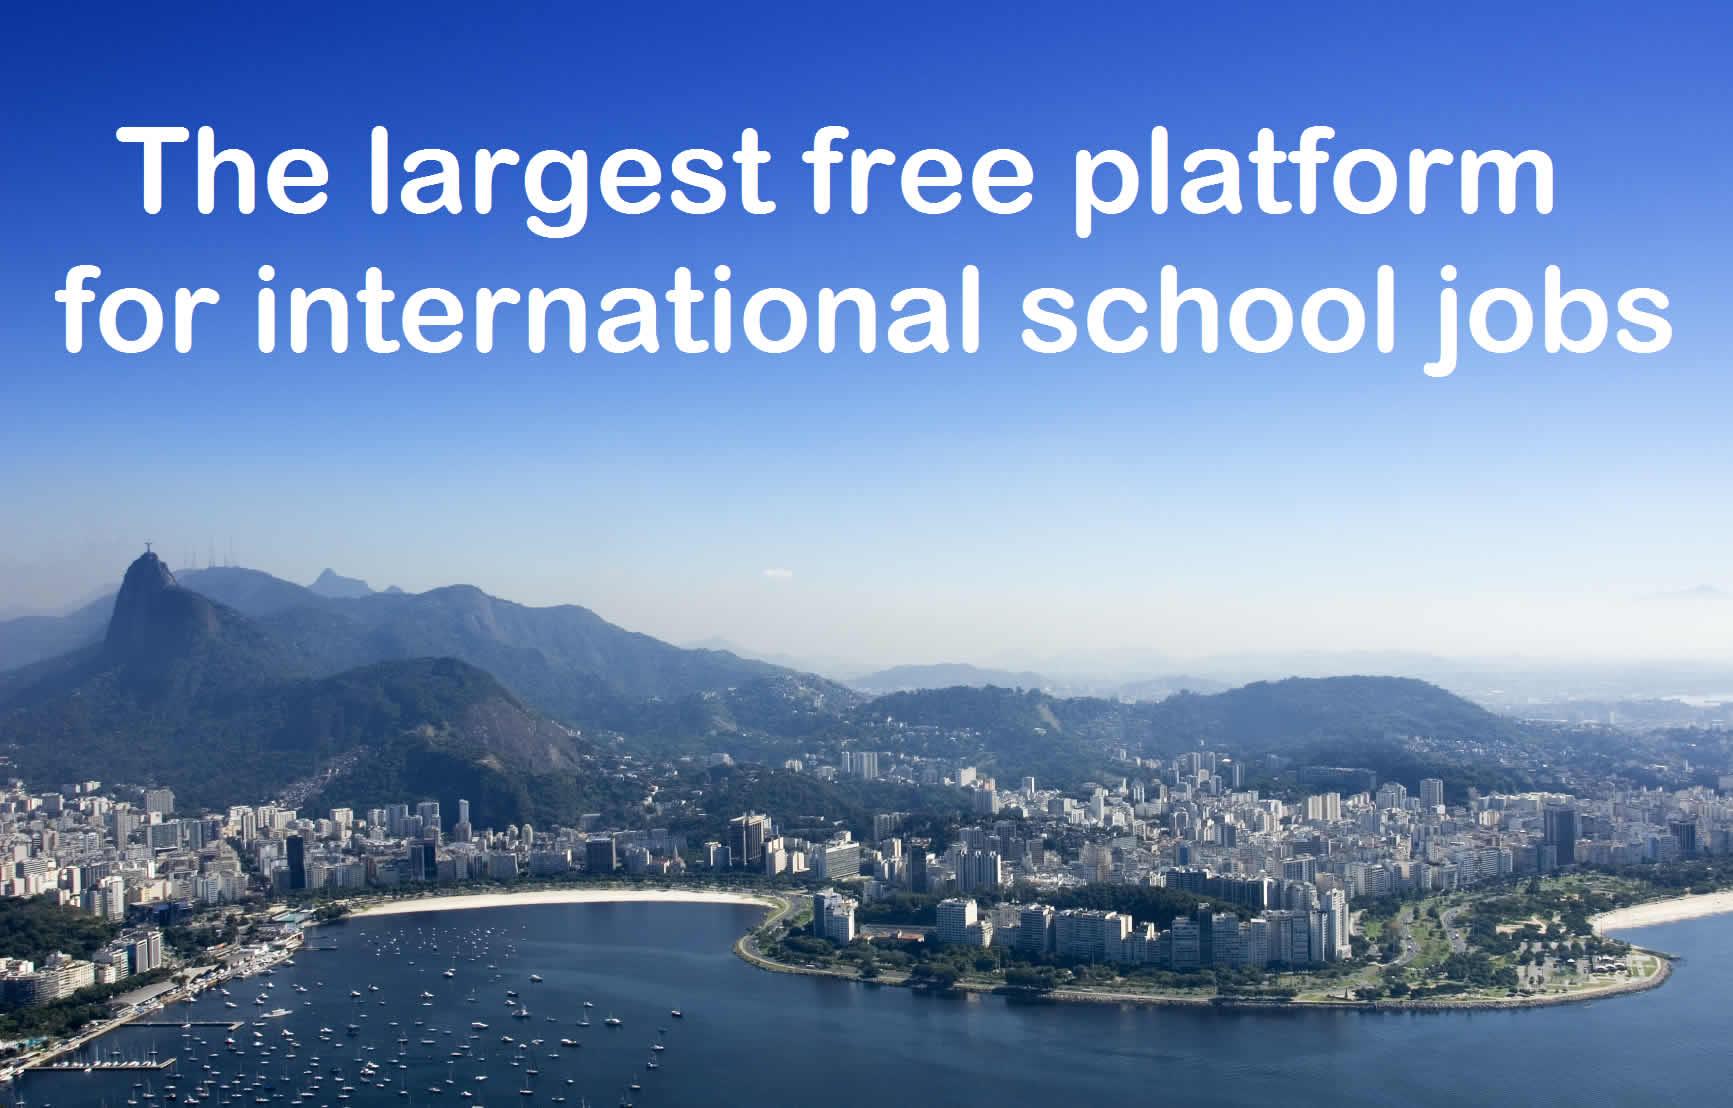 largest free platform banner